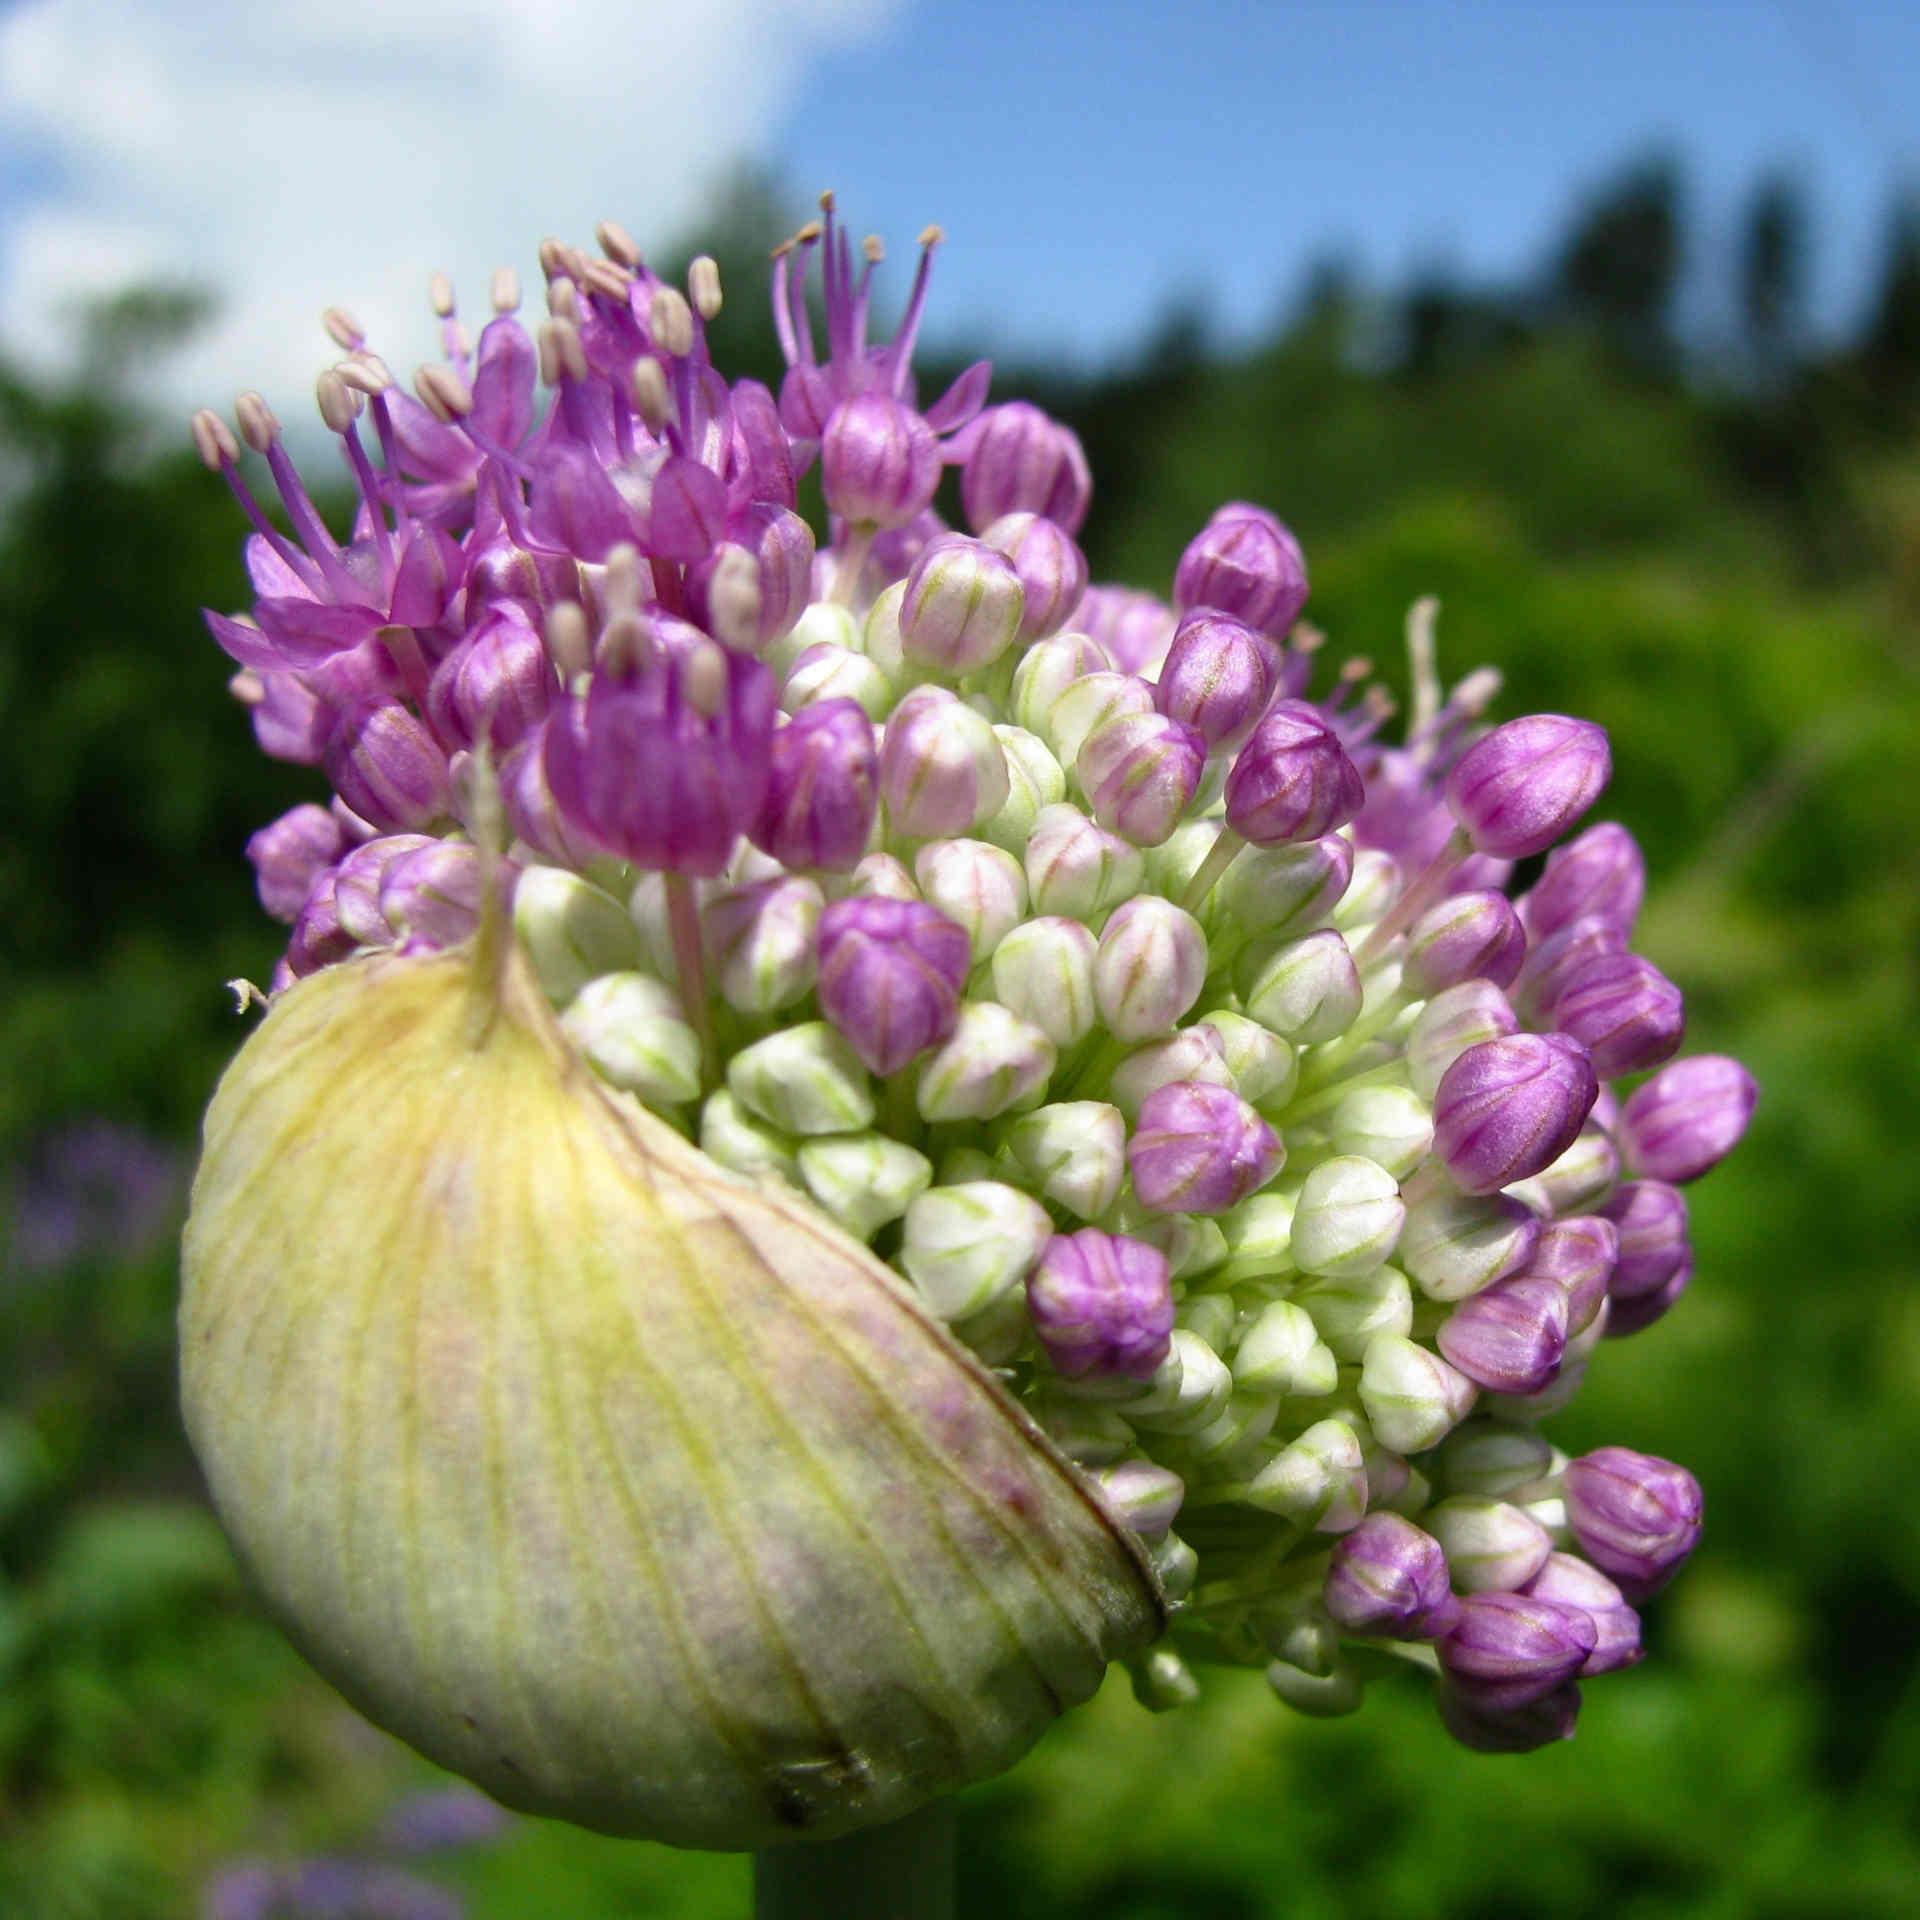 Alliumknospen - Zierlauchknospen